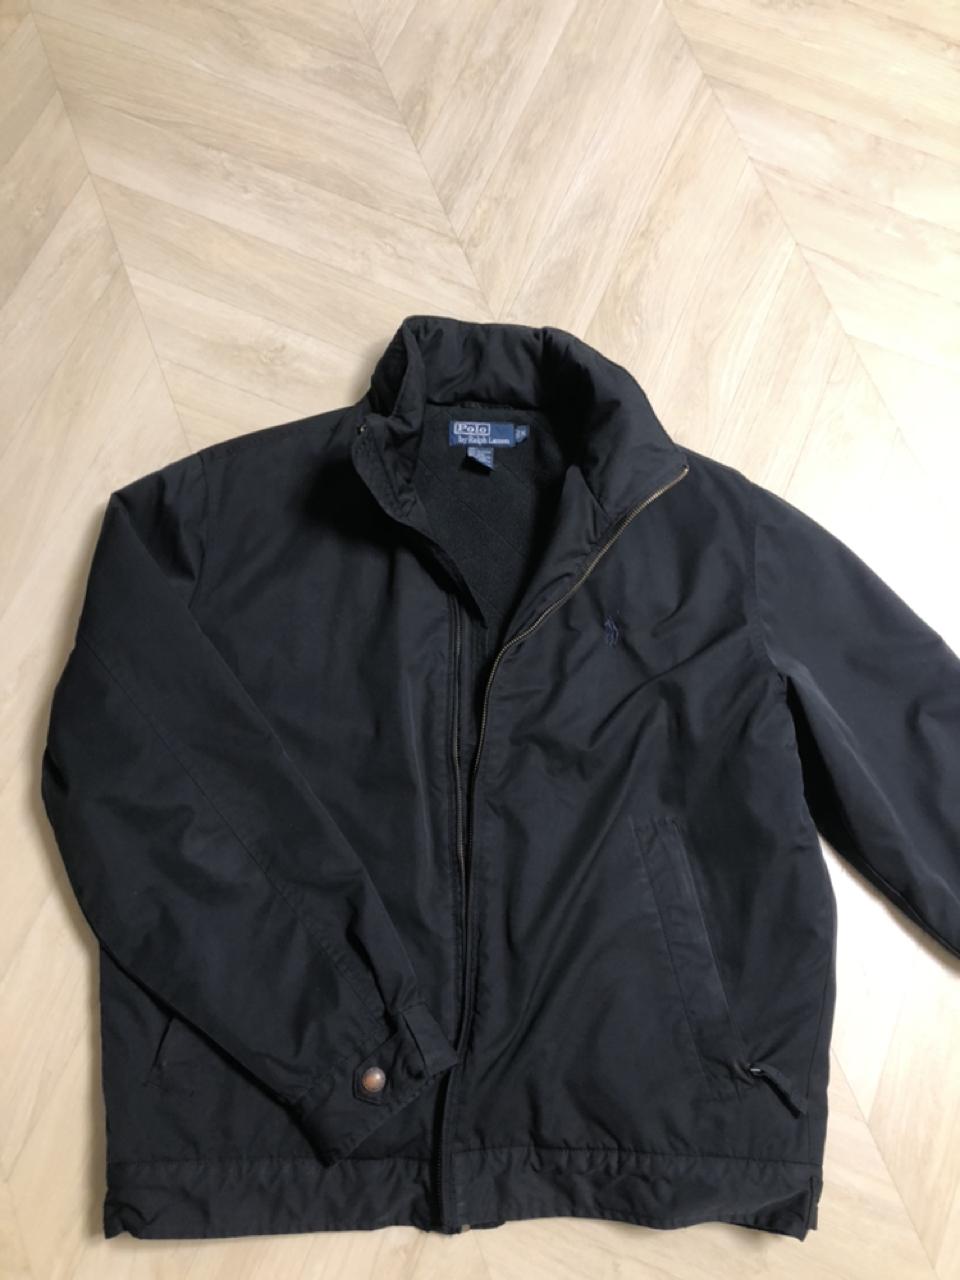 폴로 랄프로렌 겨울 자켓 판매합니다 M사이즈(국내 100)